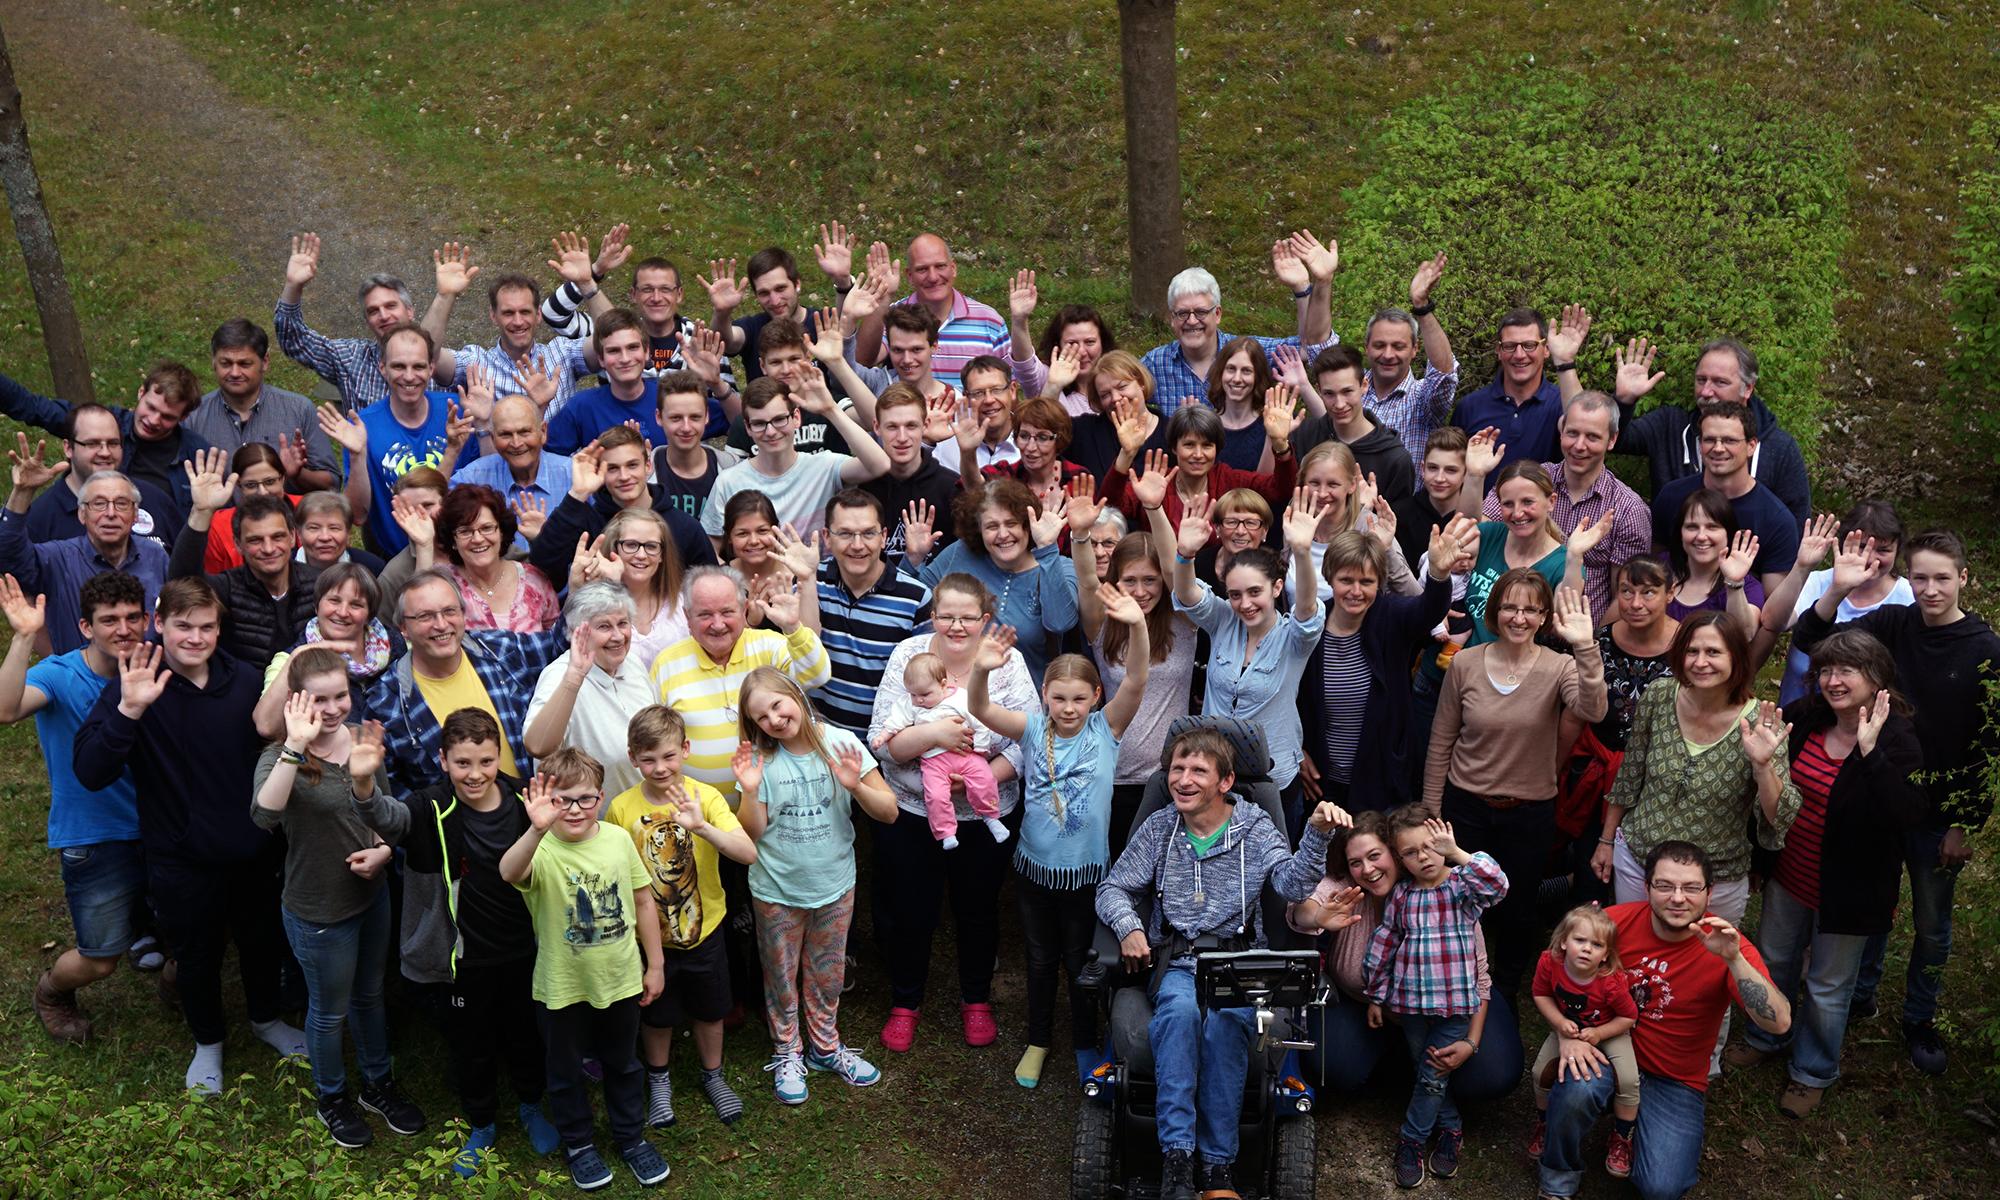 Landeskirchliche Gemeinschaft Altdorf